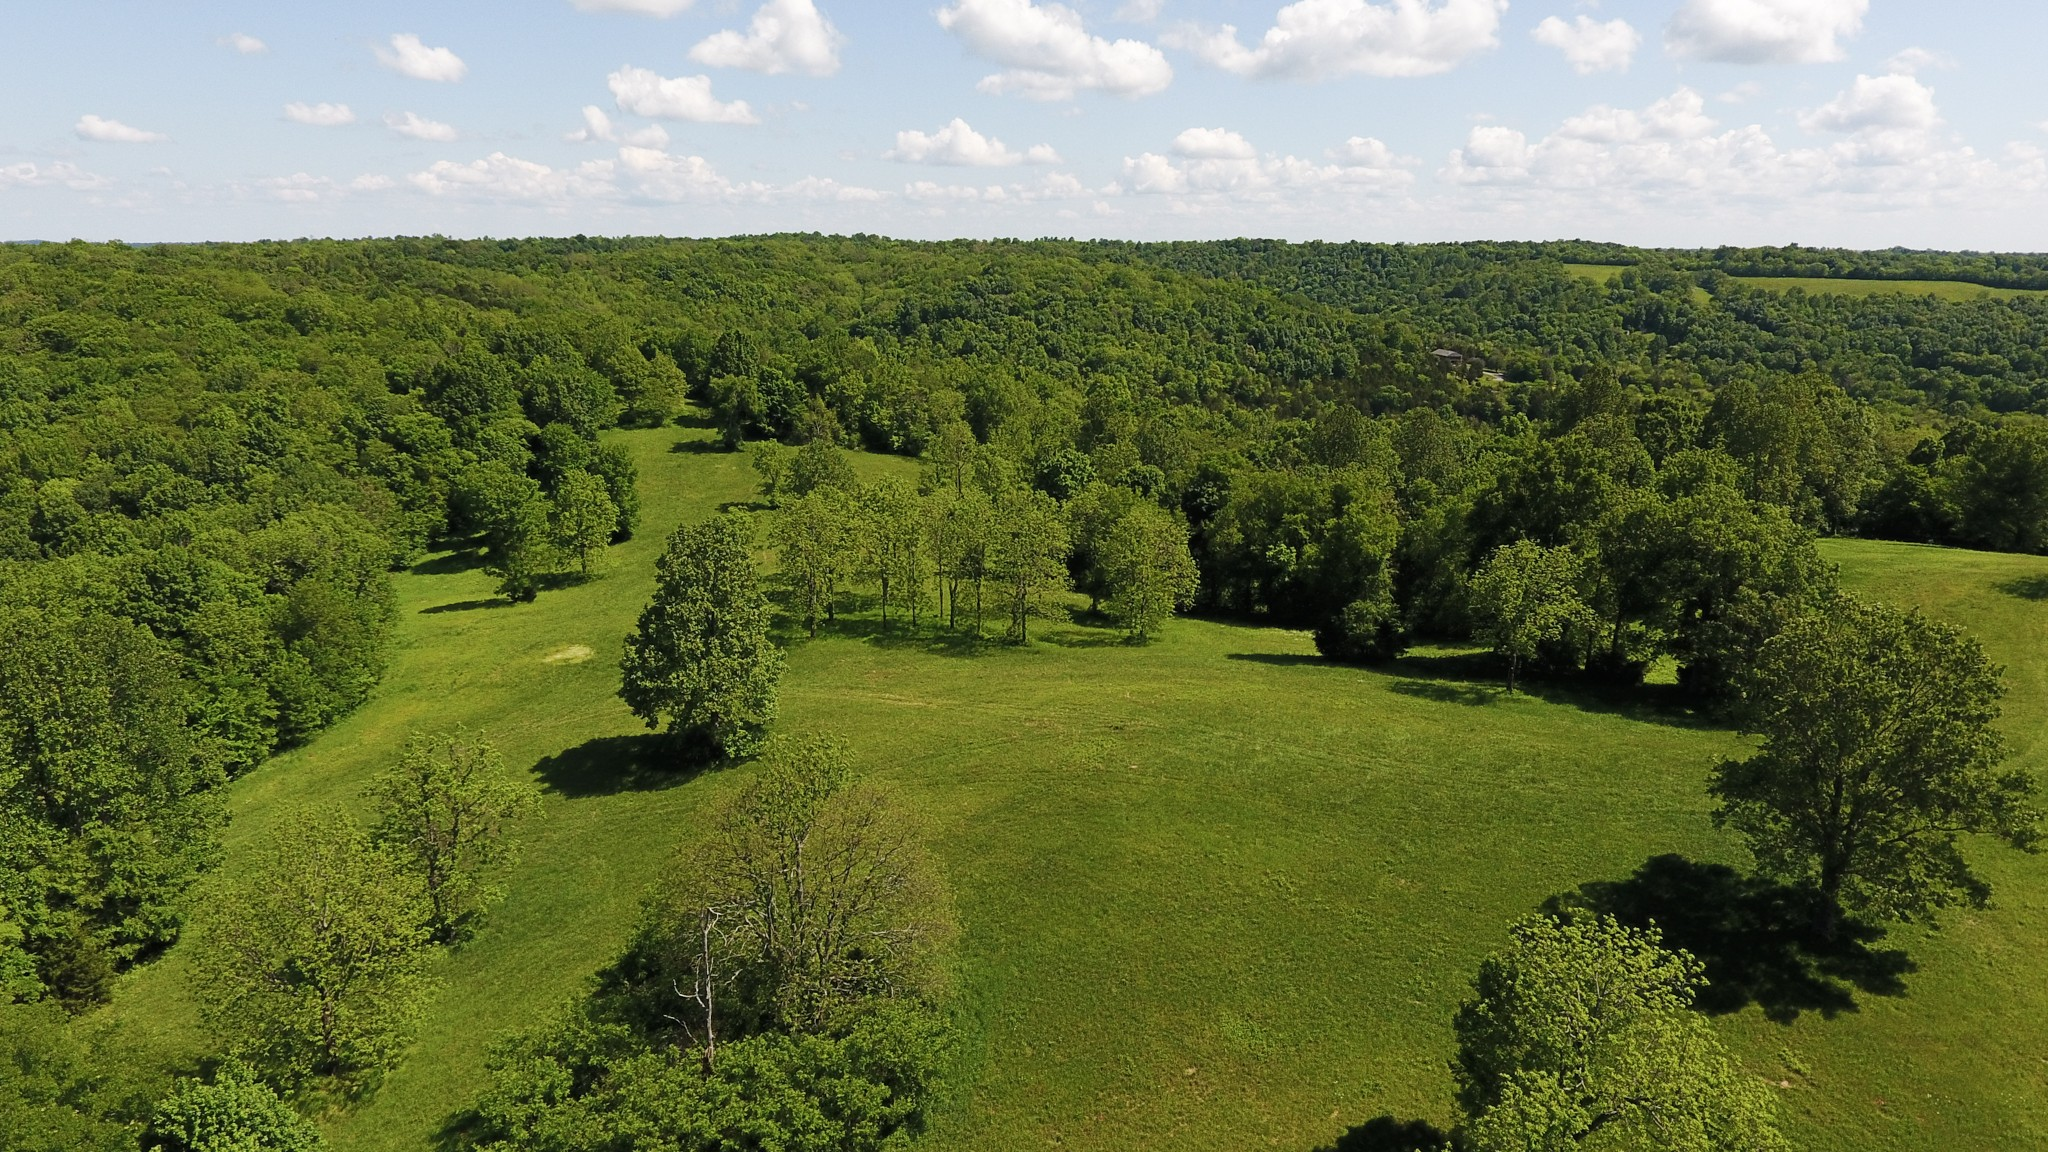 114 Rudd Branch Rd, Fayetteville, TN 37334 - Fayetteville, TN real estate listing